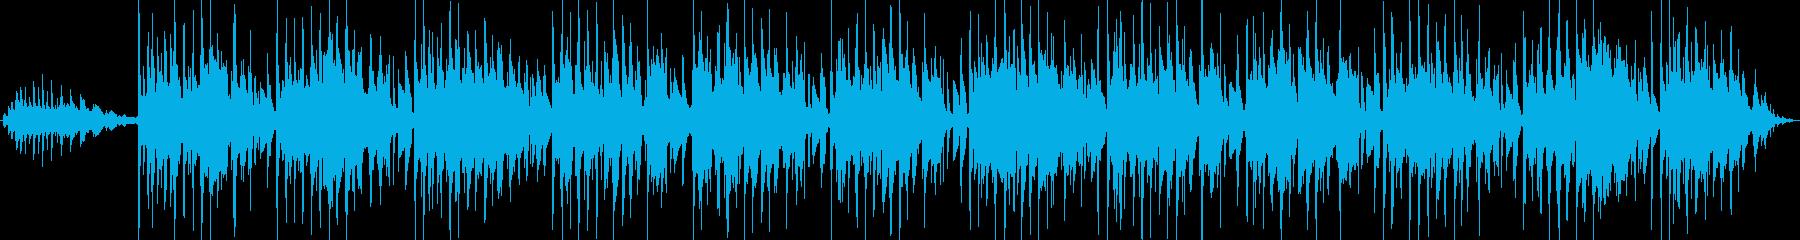 生演奏アコースティックギターハーモニクスの再生済みの波形